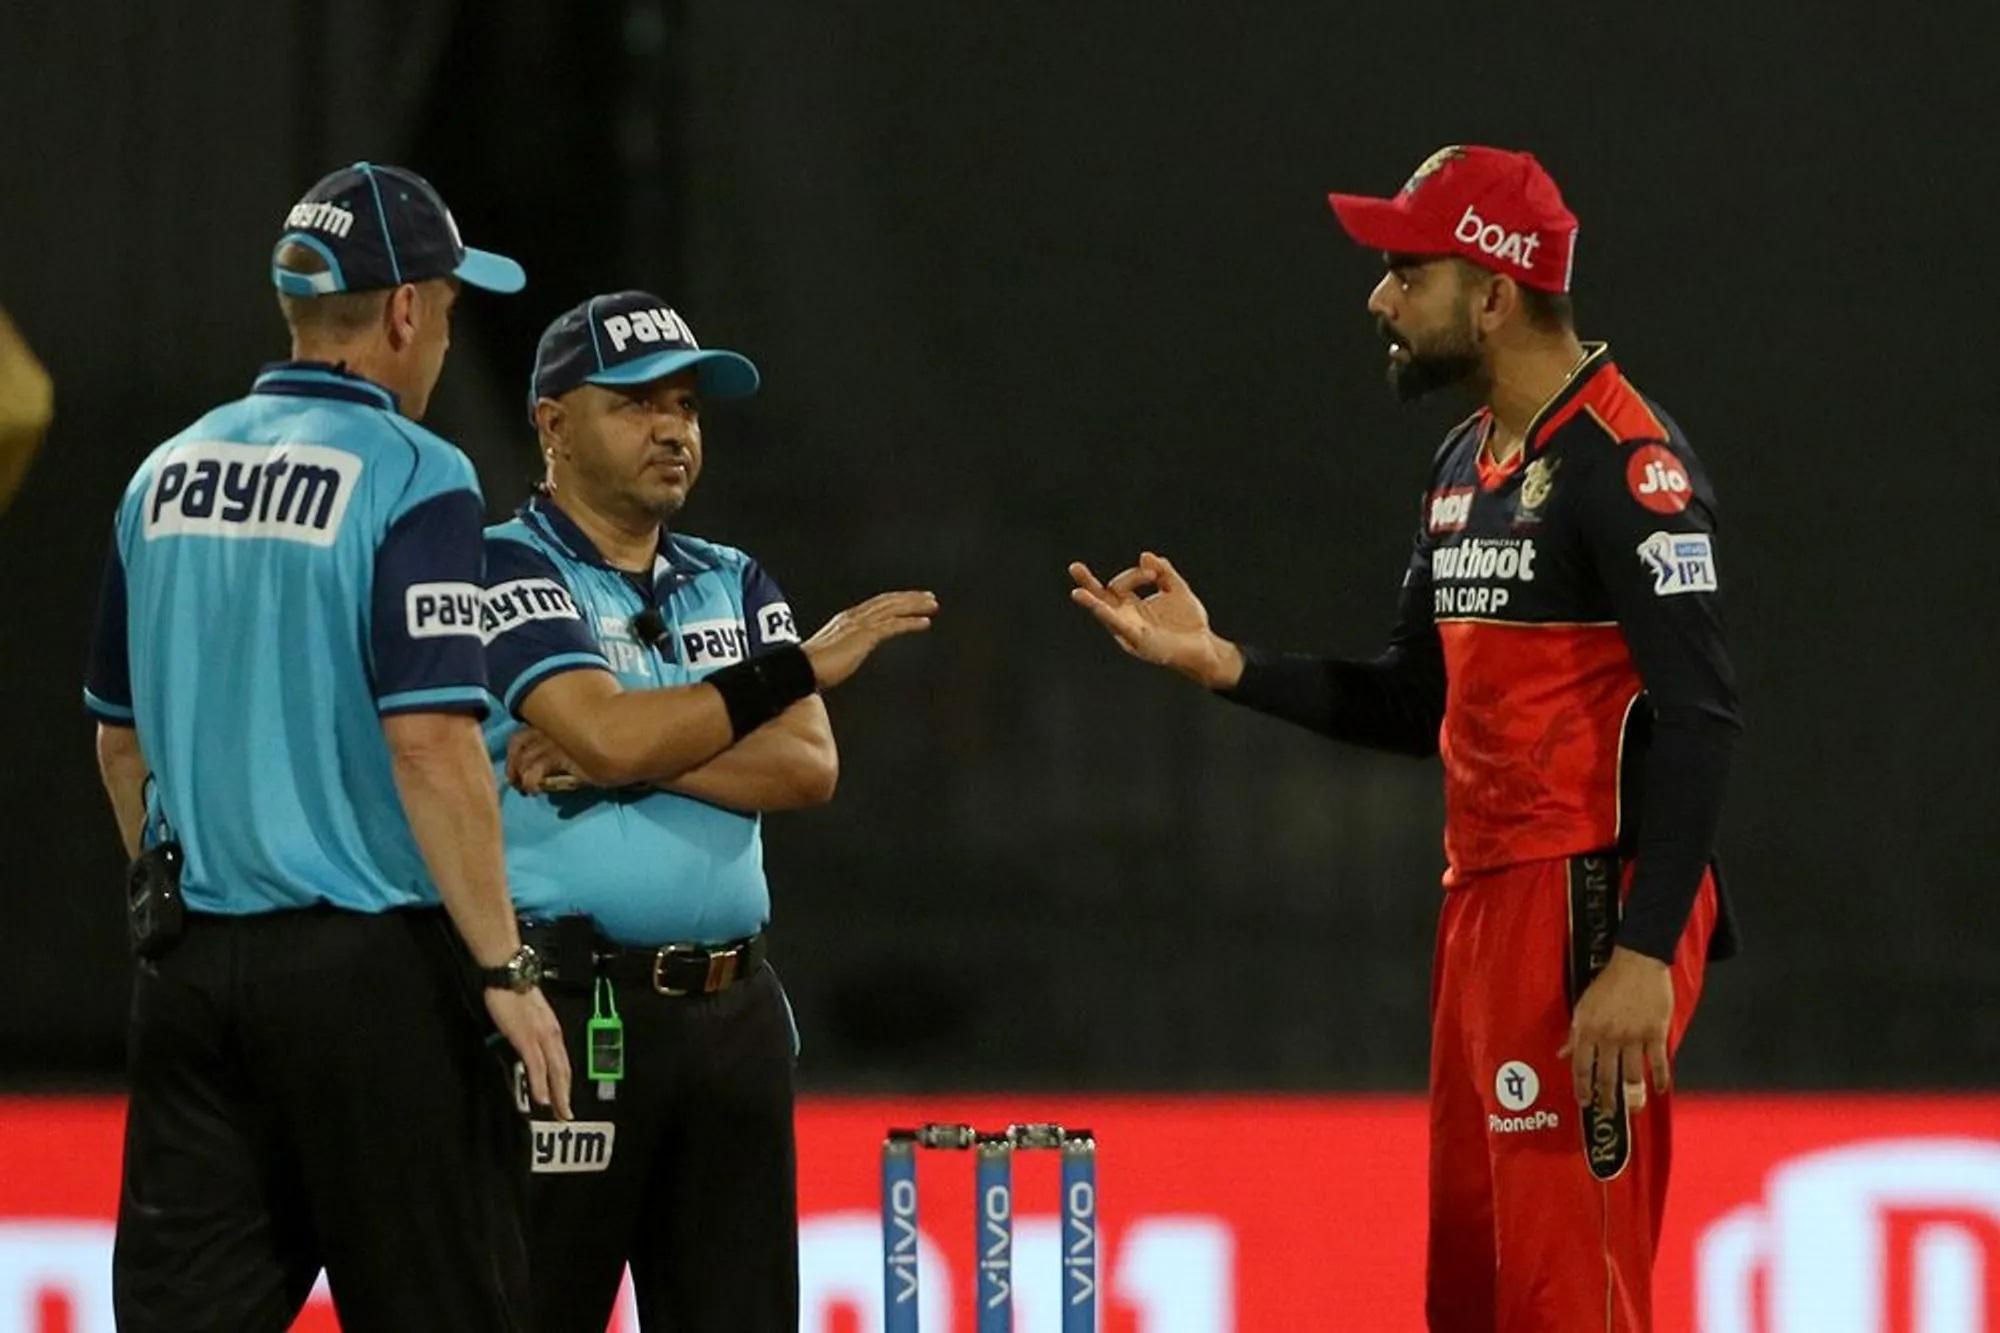 असल में हुआ ये कि अंपायर वीरेंद्र शर्मा बेंगलुरु की इनिंग के दौरान में बेंगलुरु के दो बल्लेबाजों को गलत आउट दे चुके थे। बाद में बल्लेबाजों ने रिव्यू लेकर अपने विकेट बचाए।